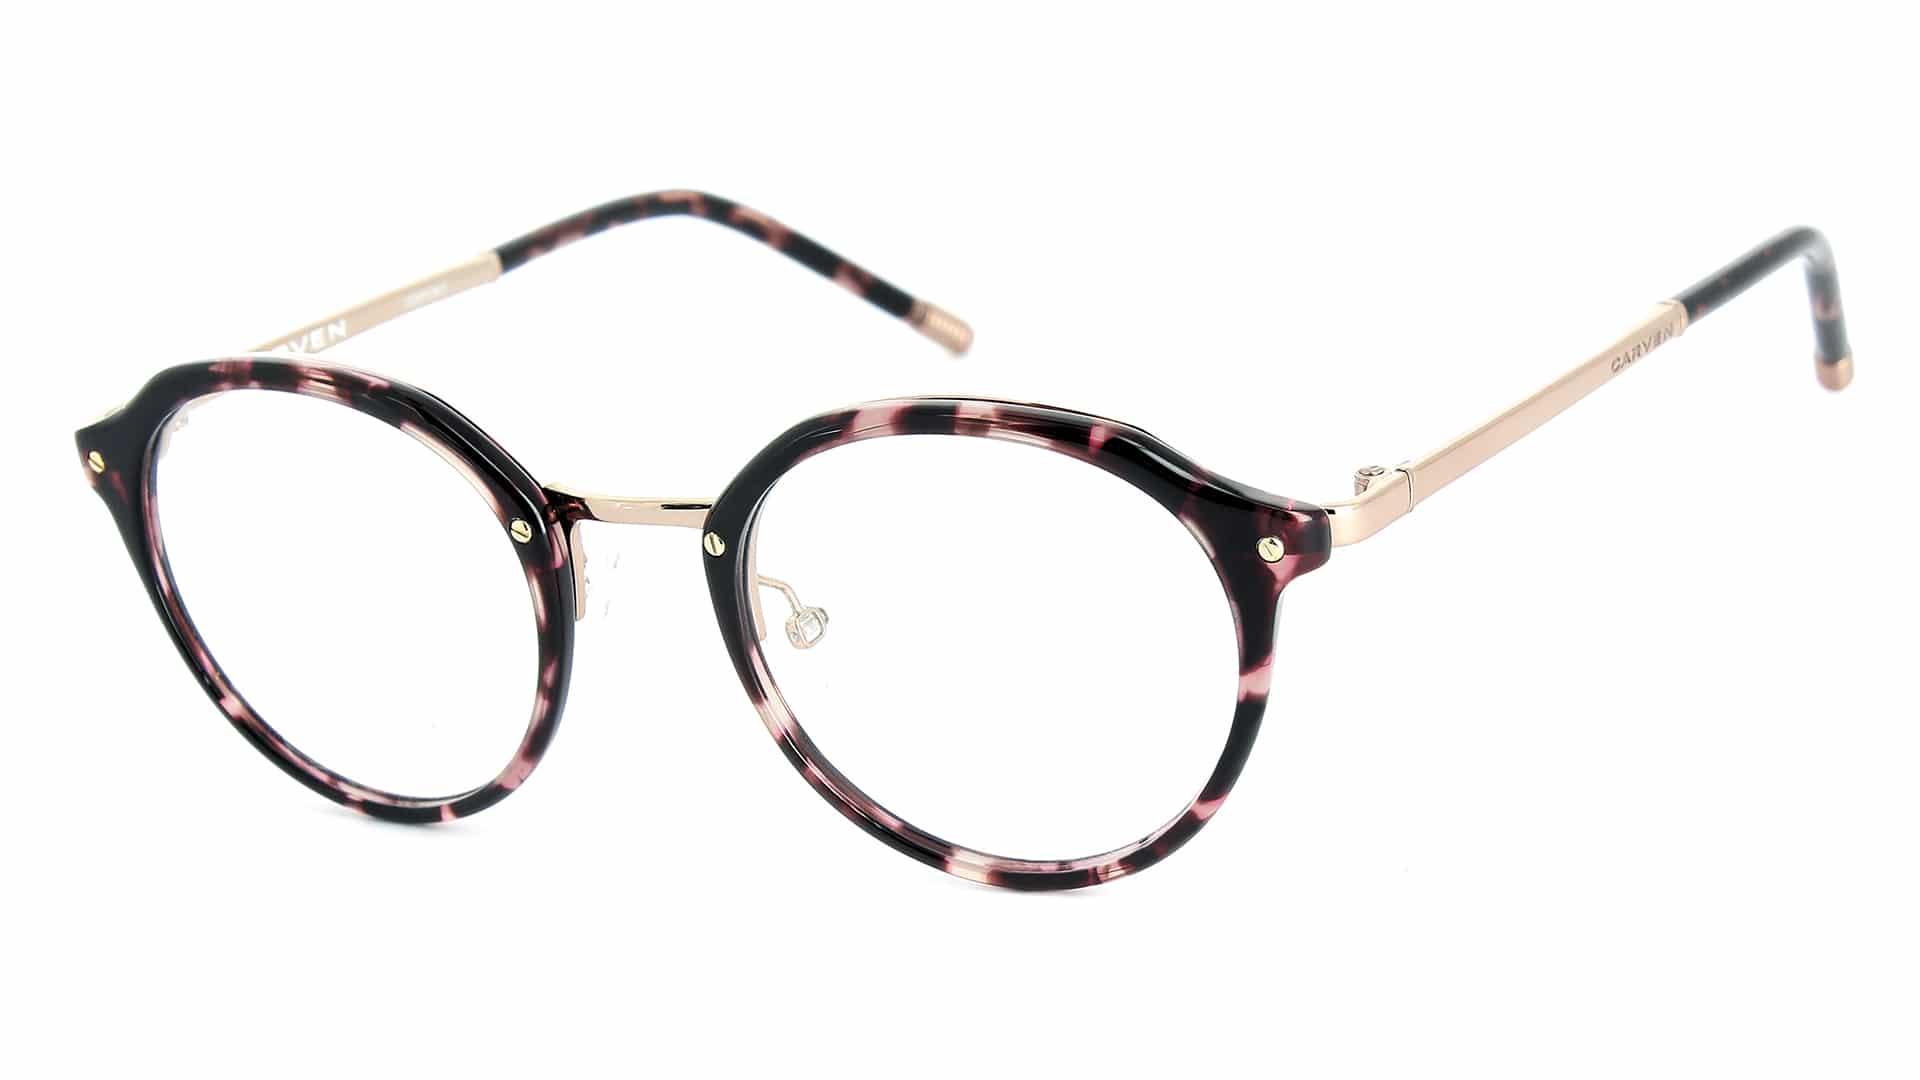 AVA Brillen leverancier van Carven Eyewear